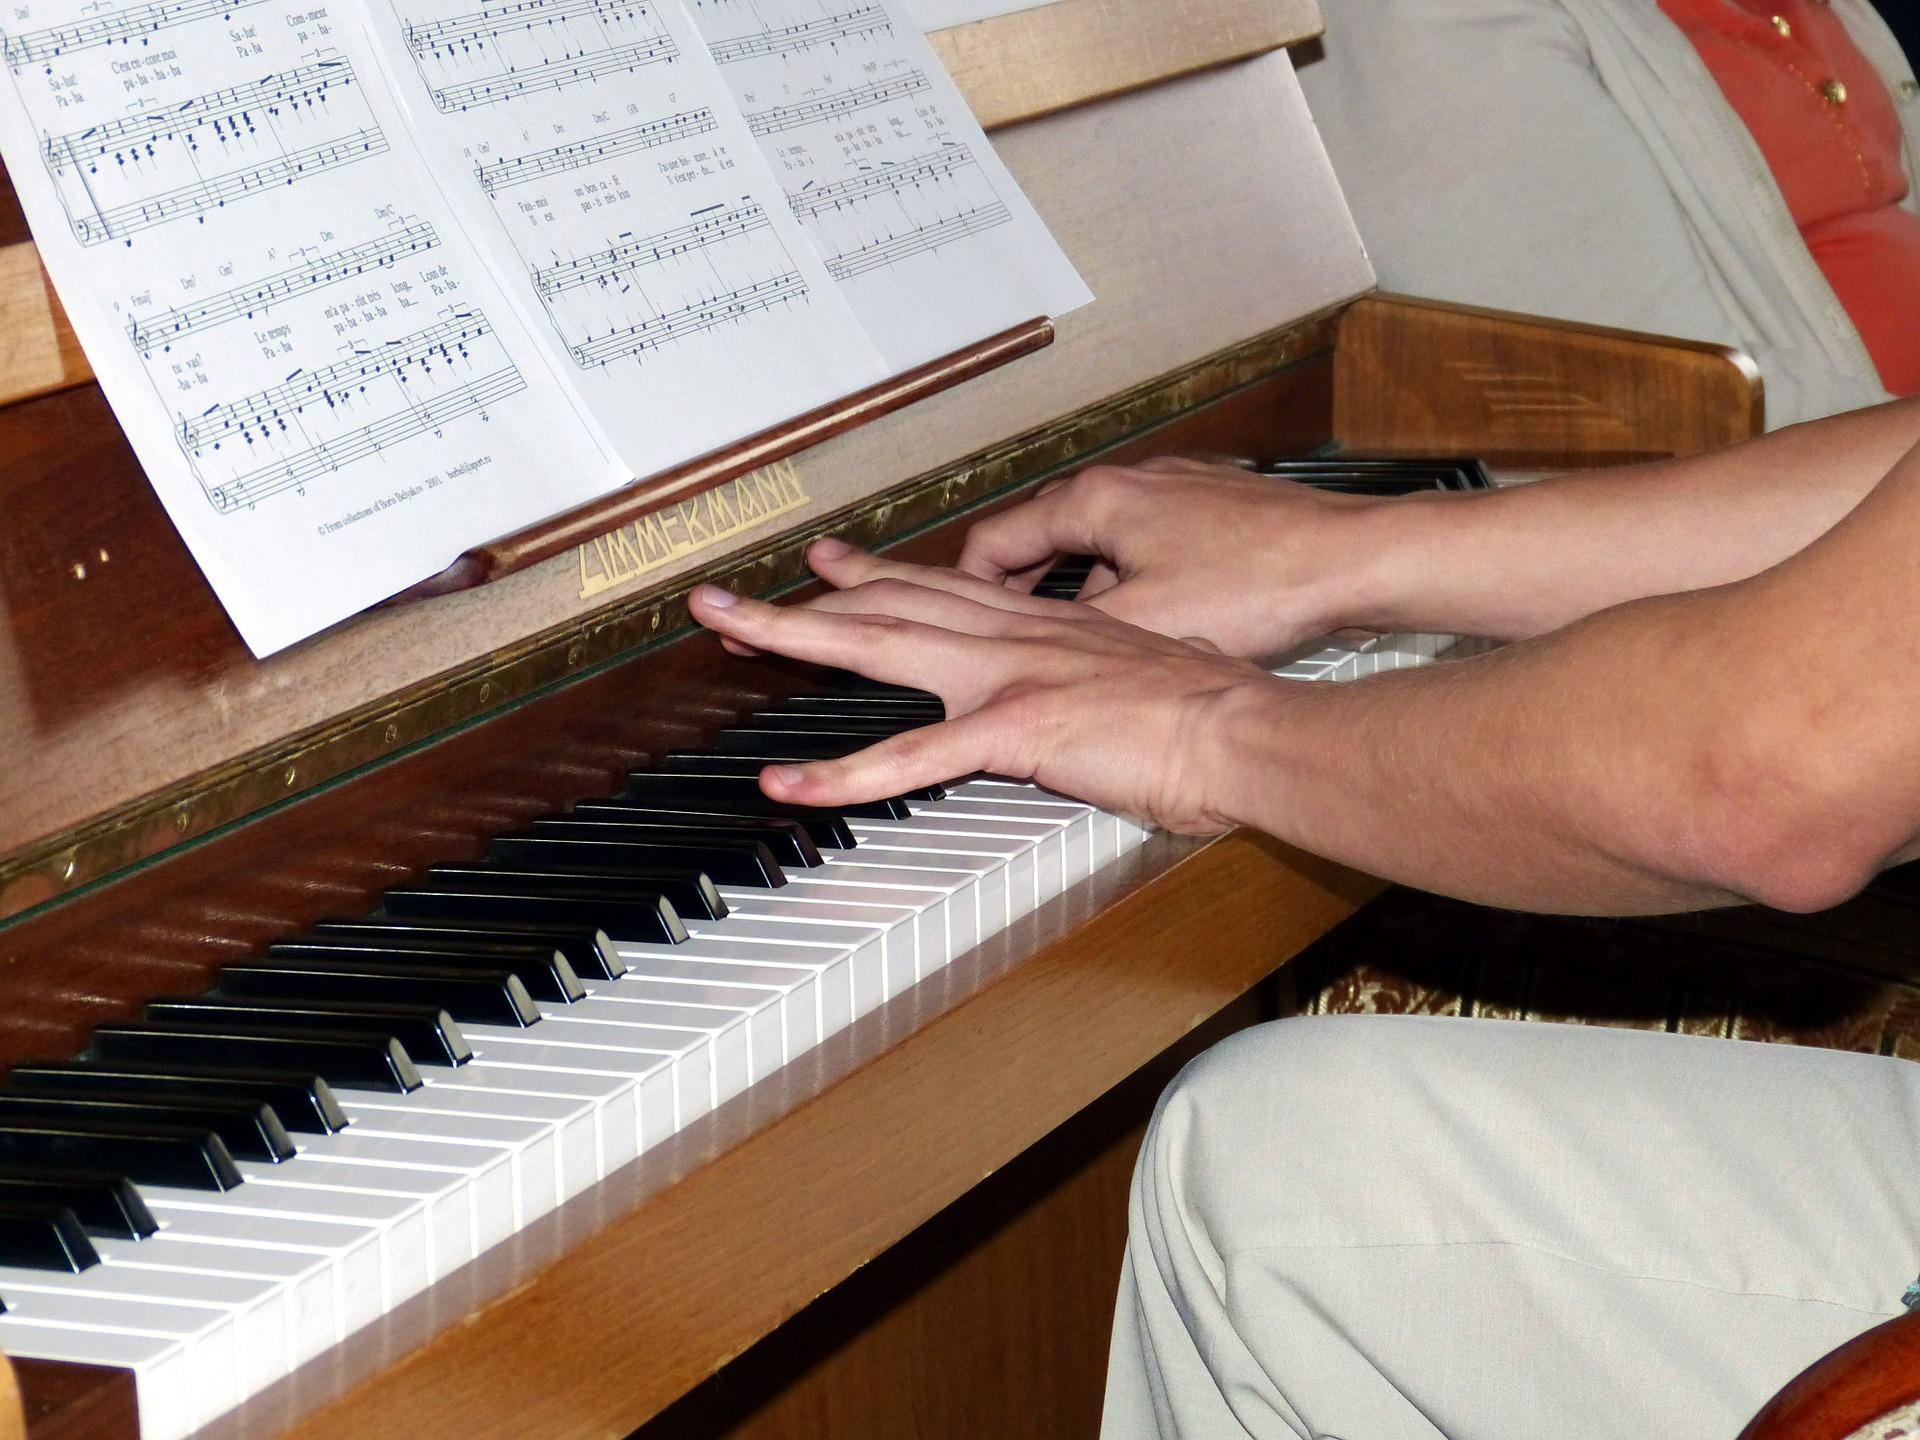 Les_exercies_incontournables_au_piano_pour_delier_les_doigts_